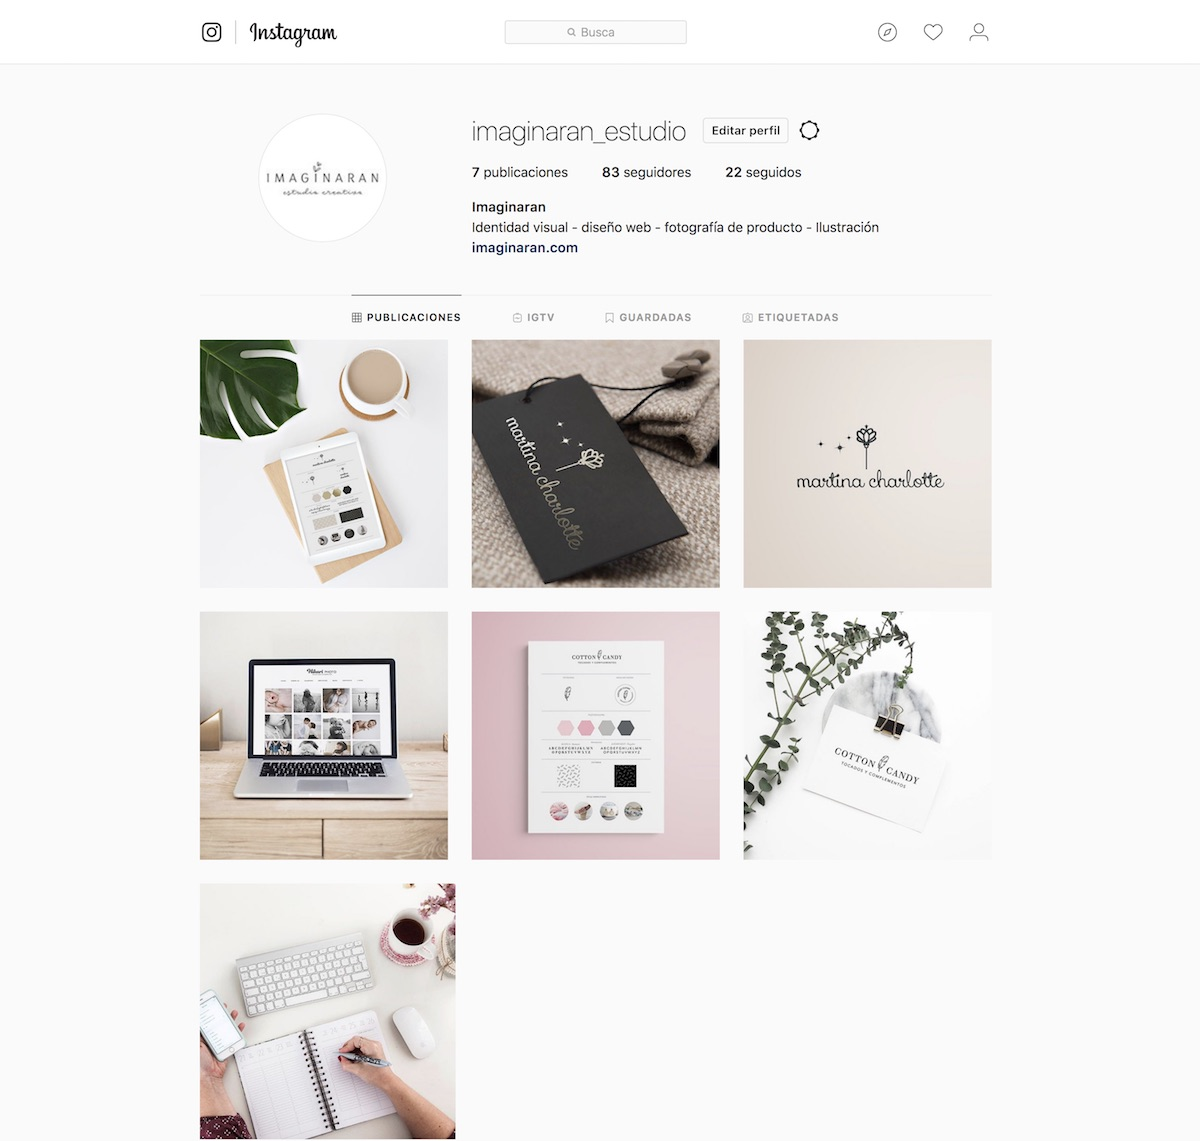 Sígueme en instagram, imaginaran_estudio